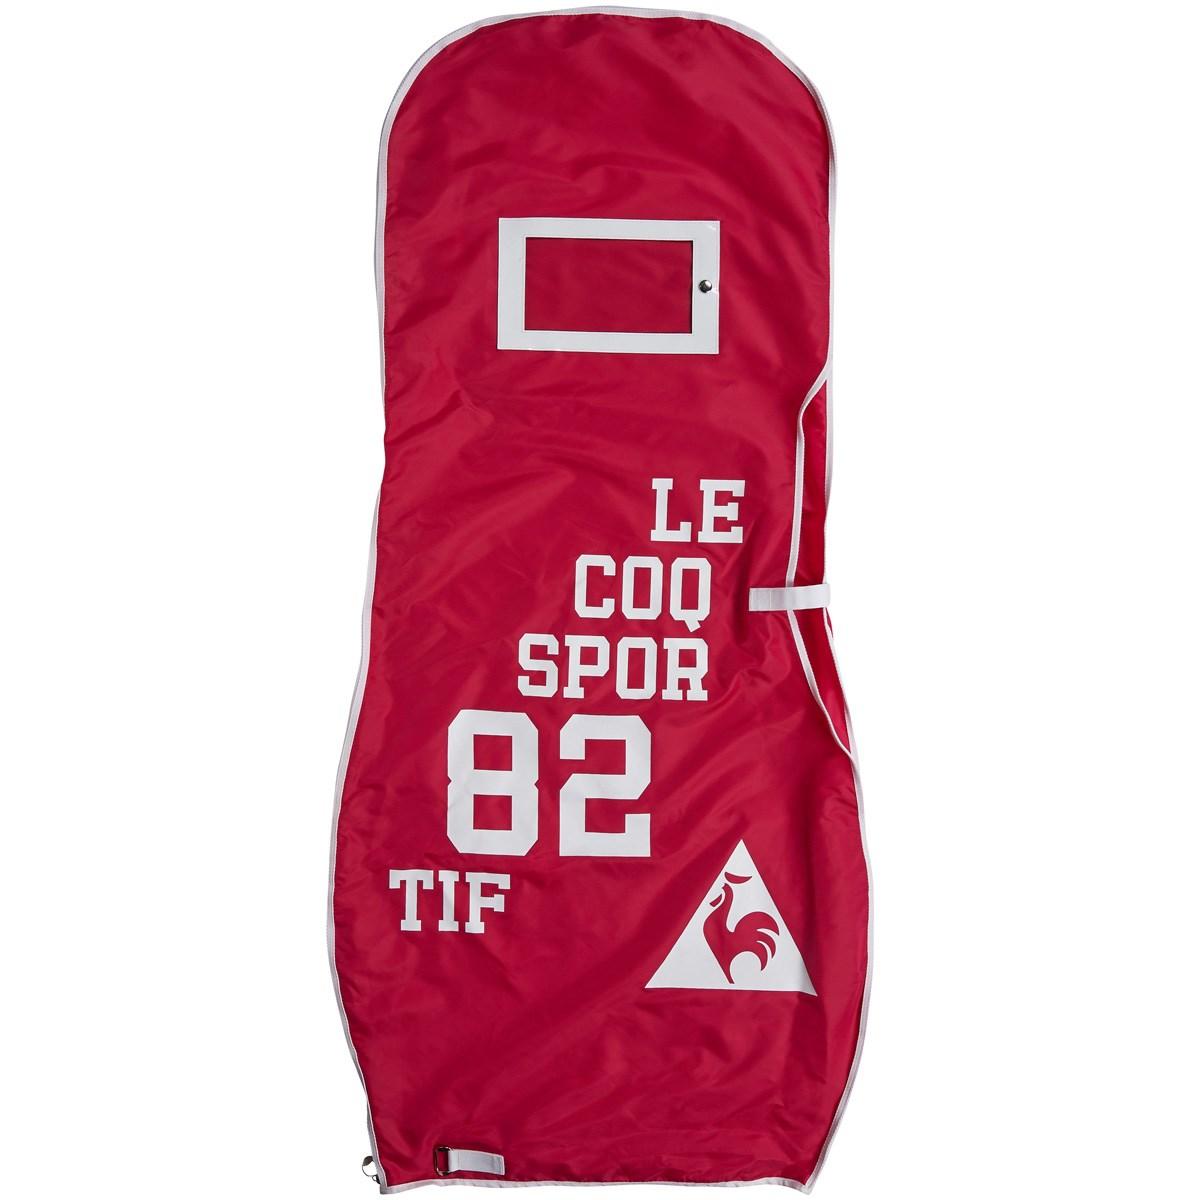 [2019年モデル] ルコックゴルフ Le coq sportif GOLF トラベルカバー ピンク PK00 レディース